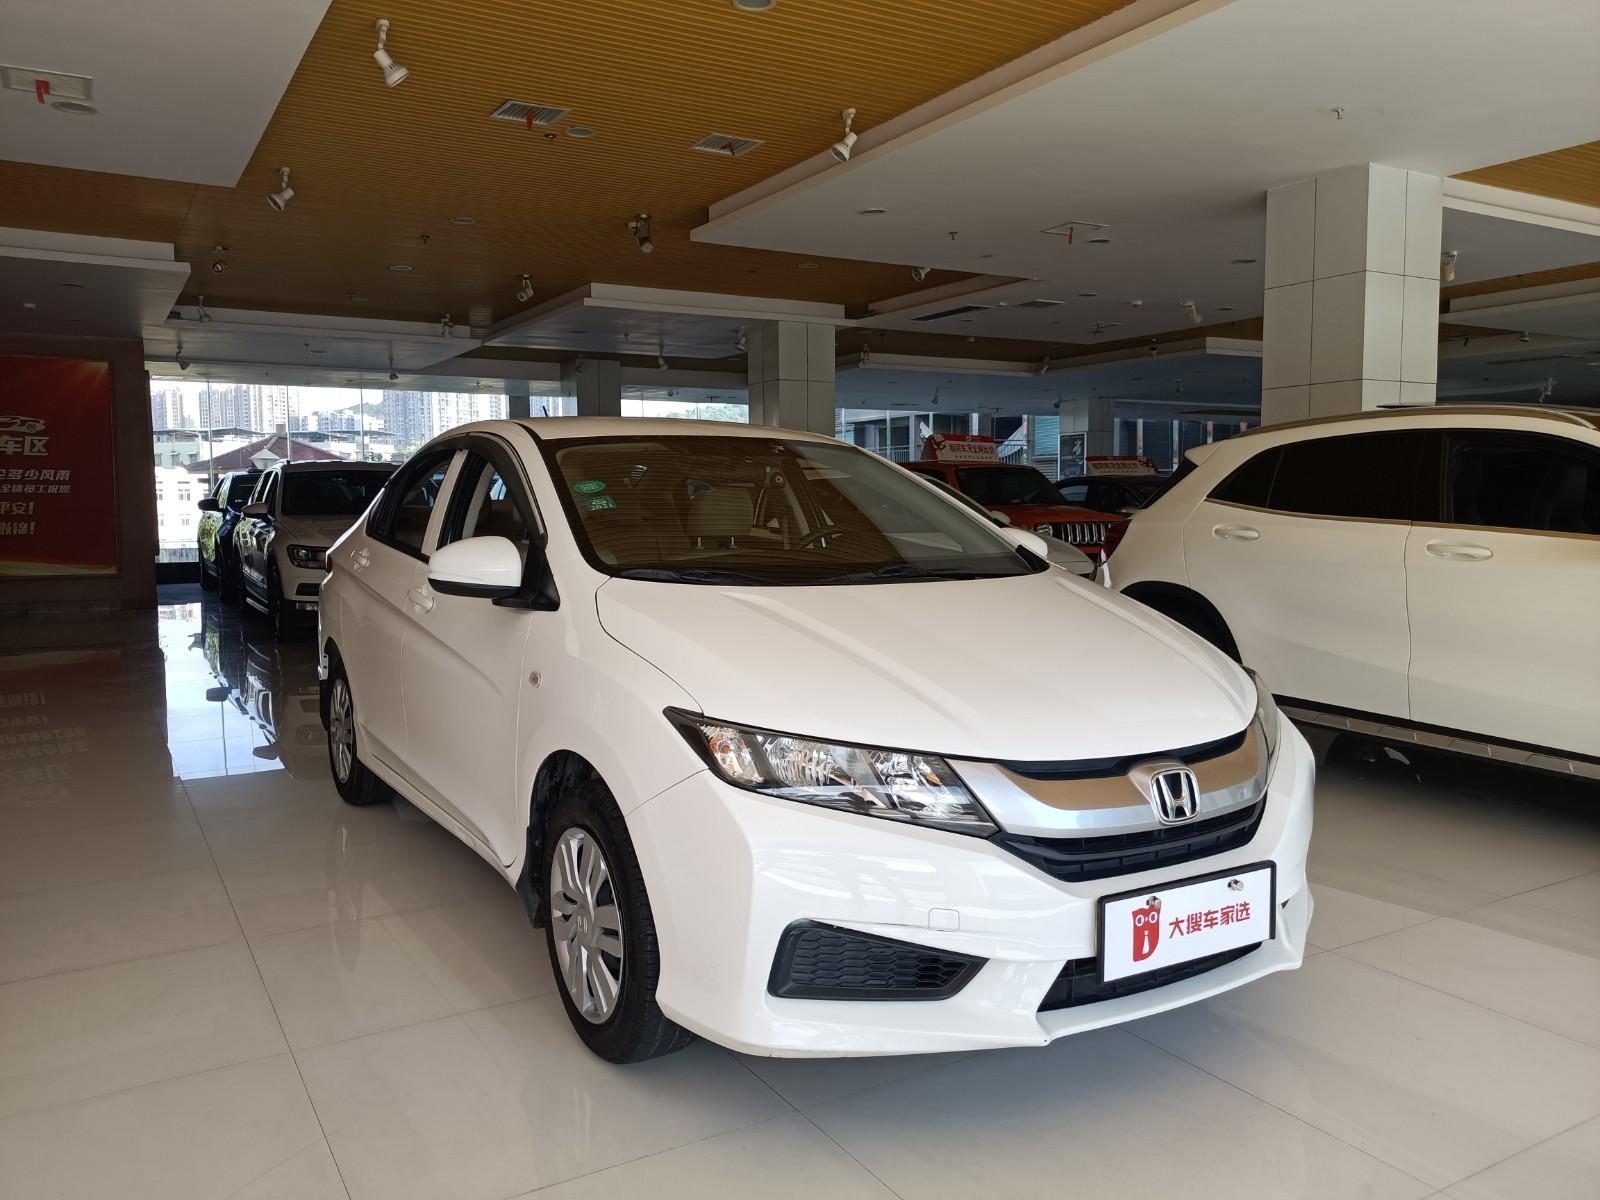 【京湘车视界二手车】本田2017款 锋范 1.5L CVT舒适版